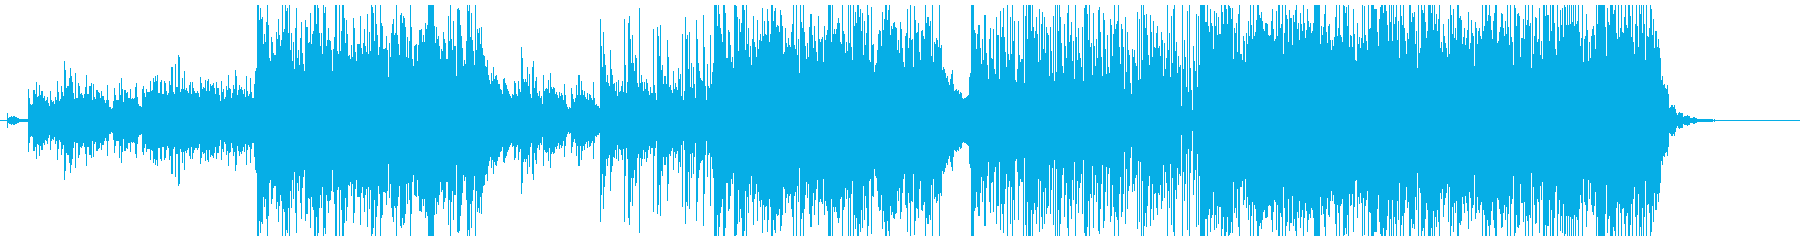 神秘的で緊張感ある曲の再生済みの波形